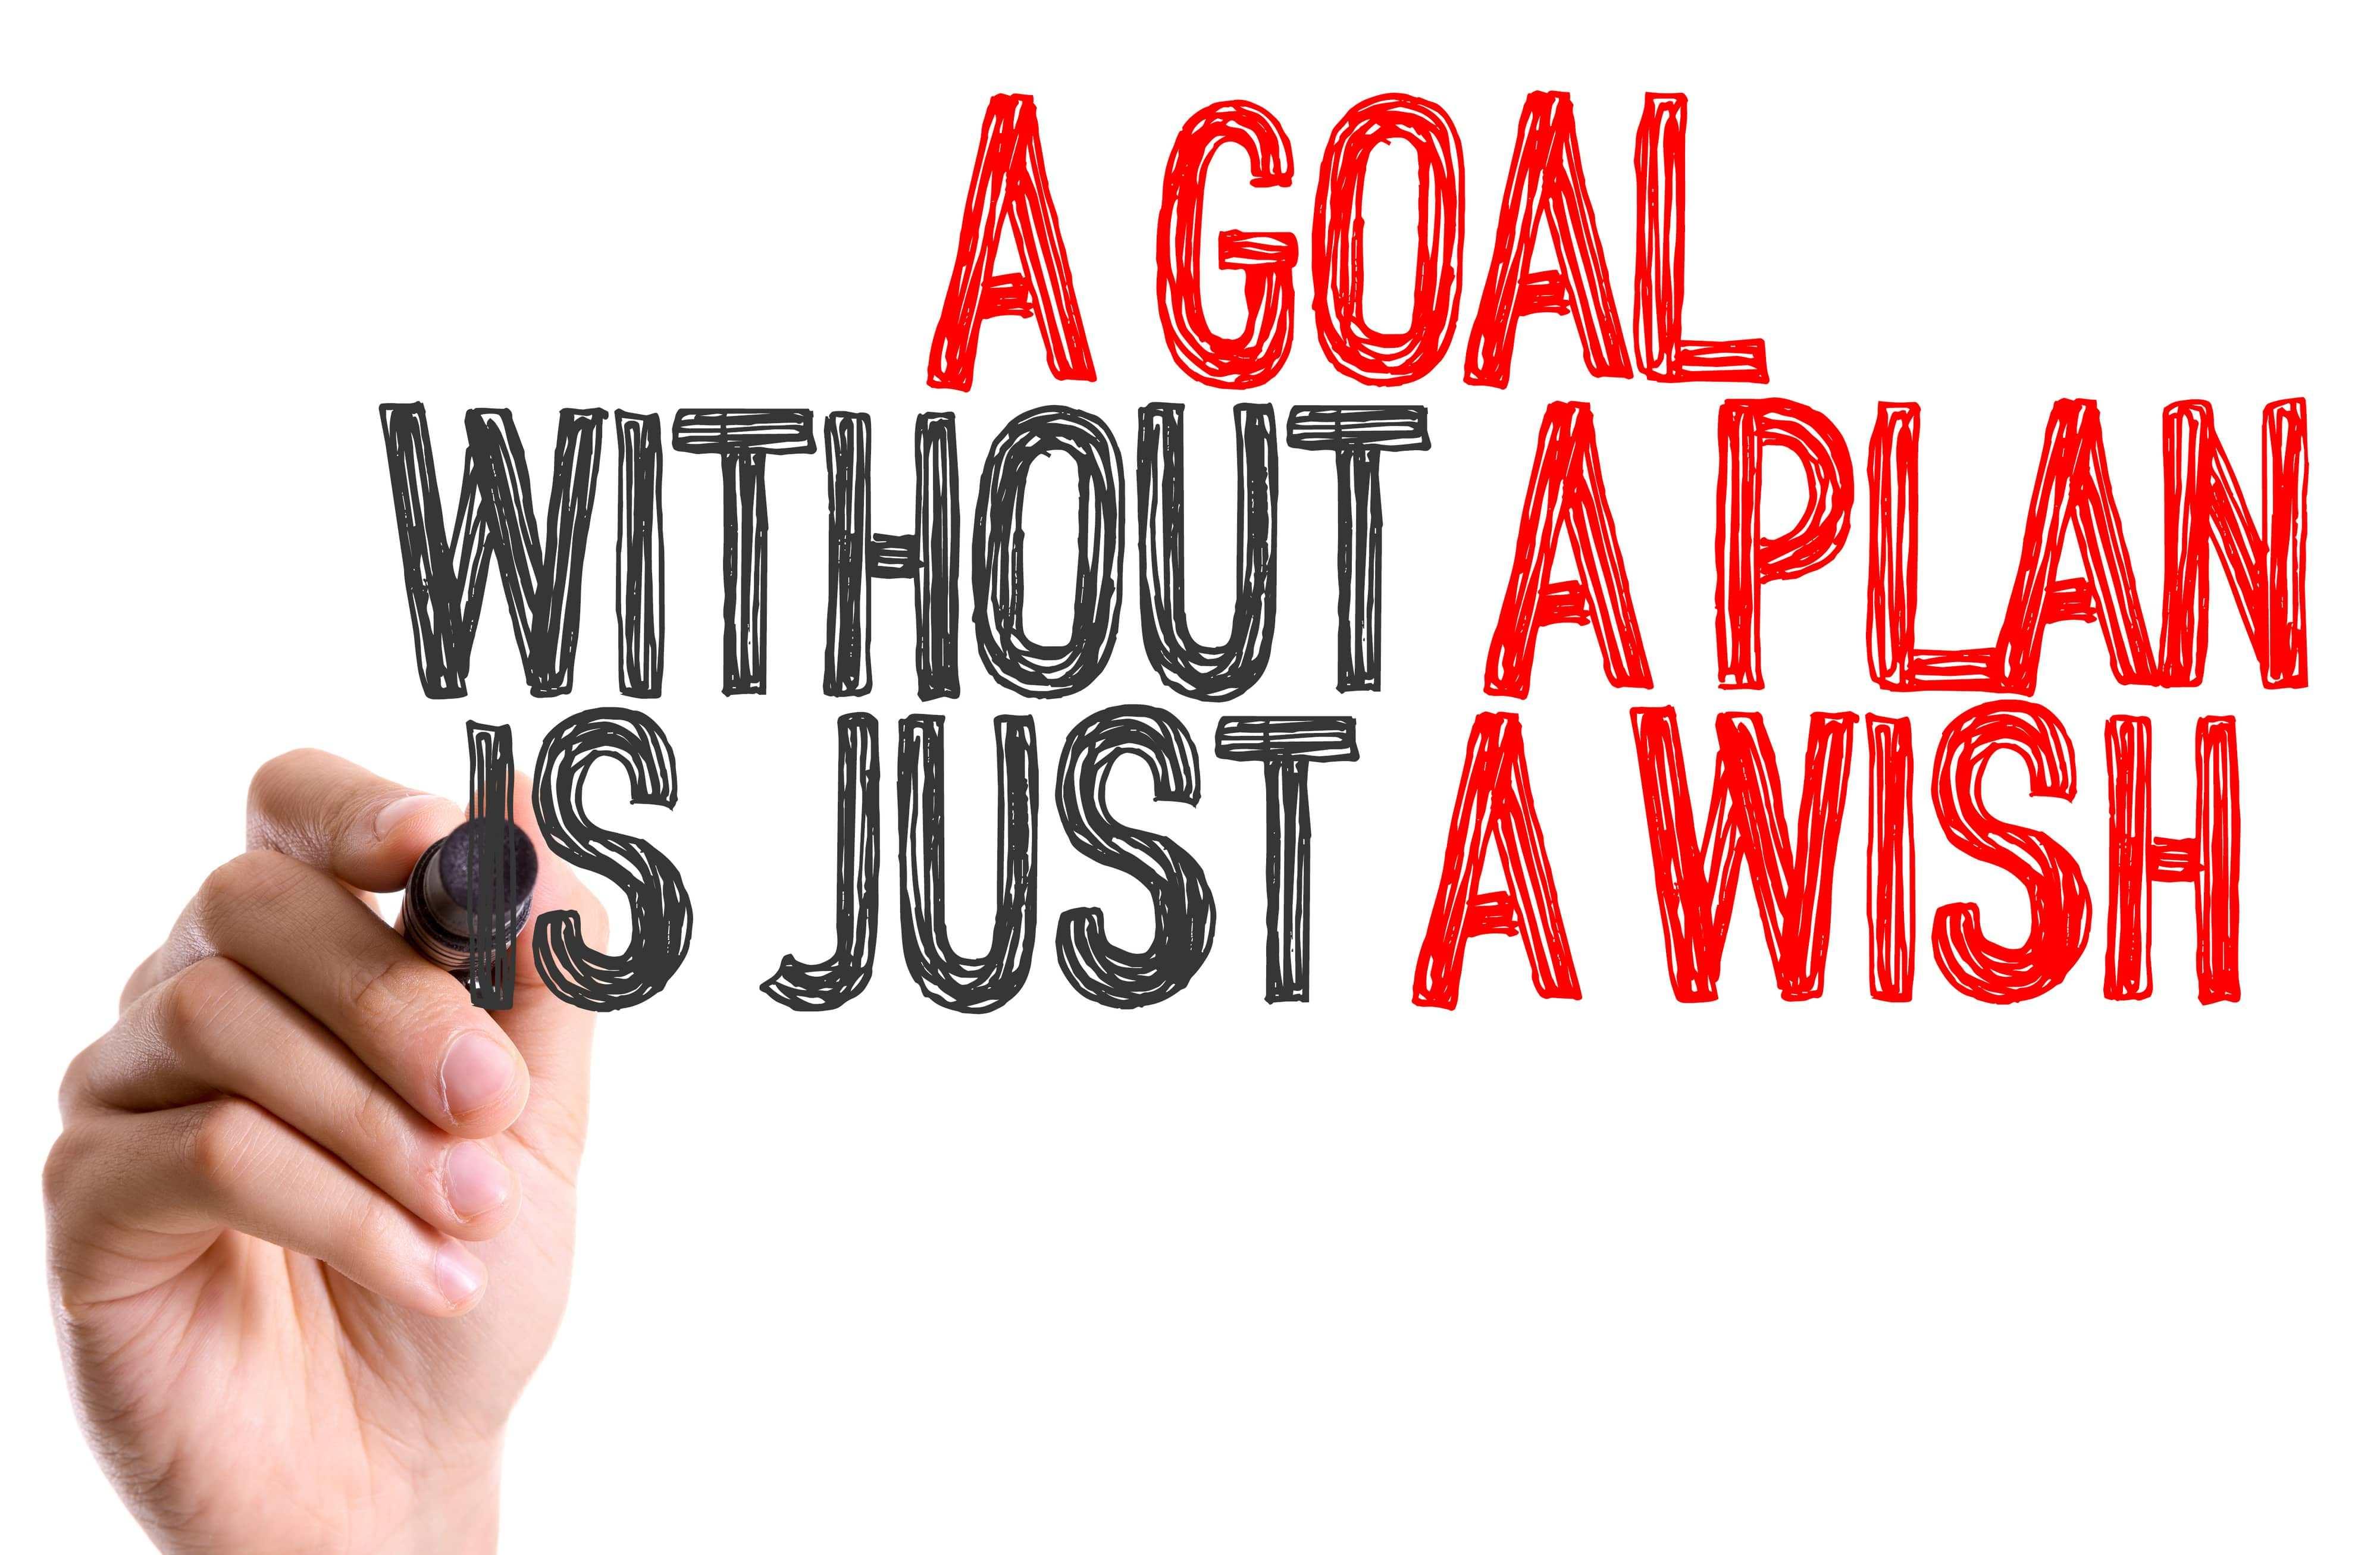 Goal-wo-plan